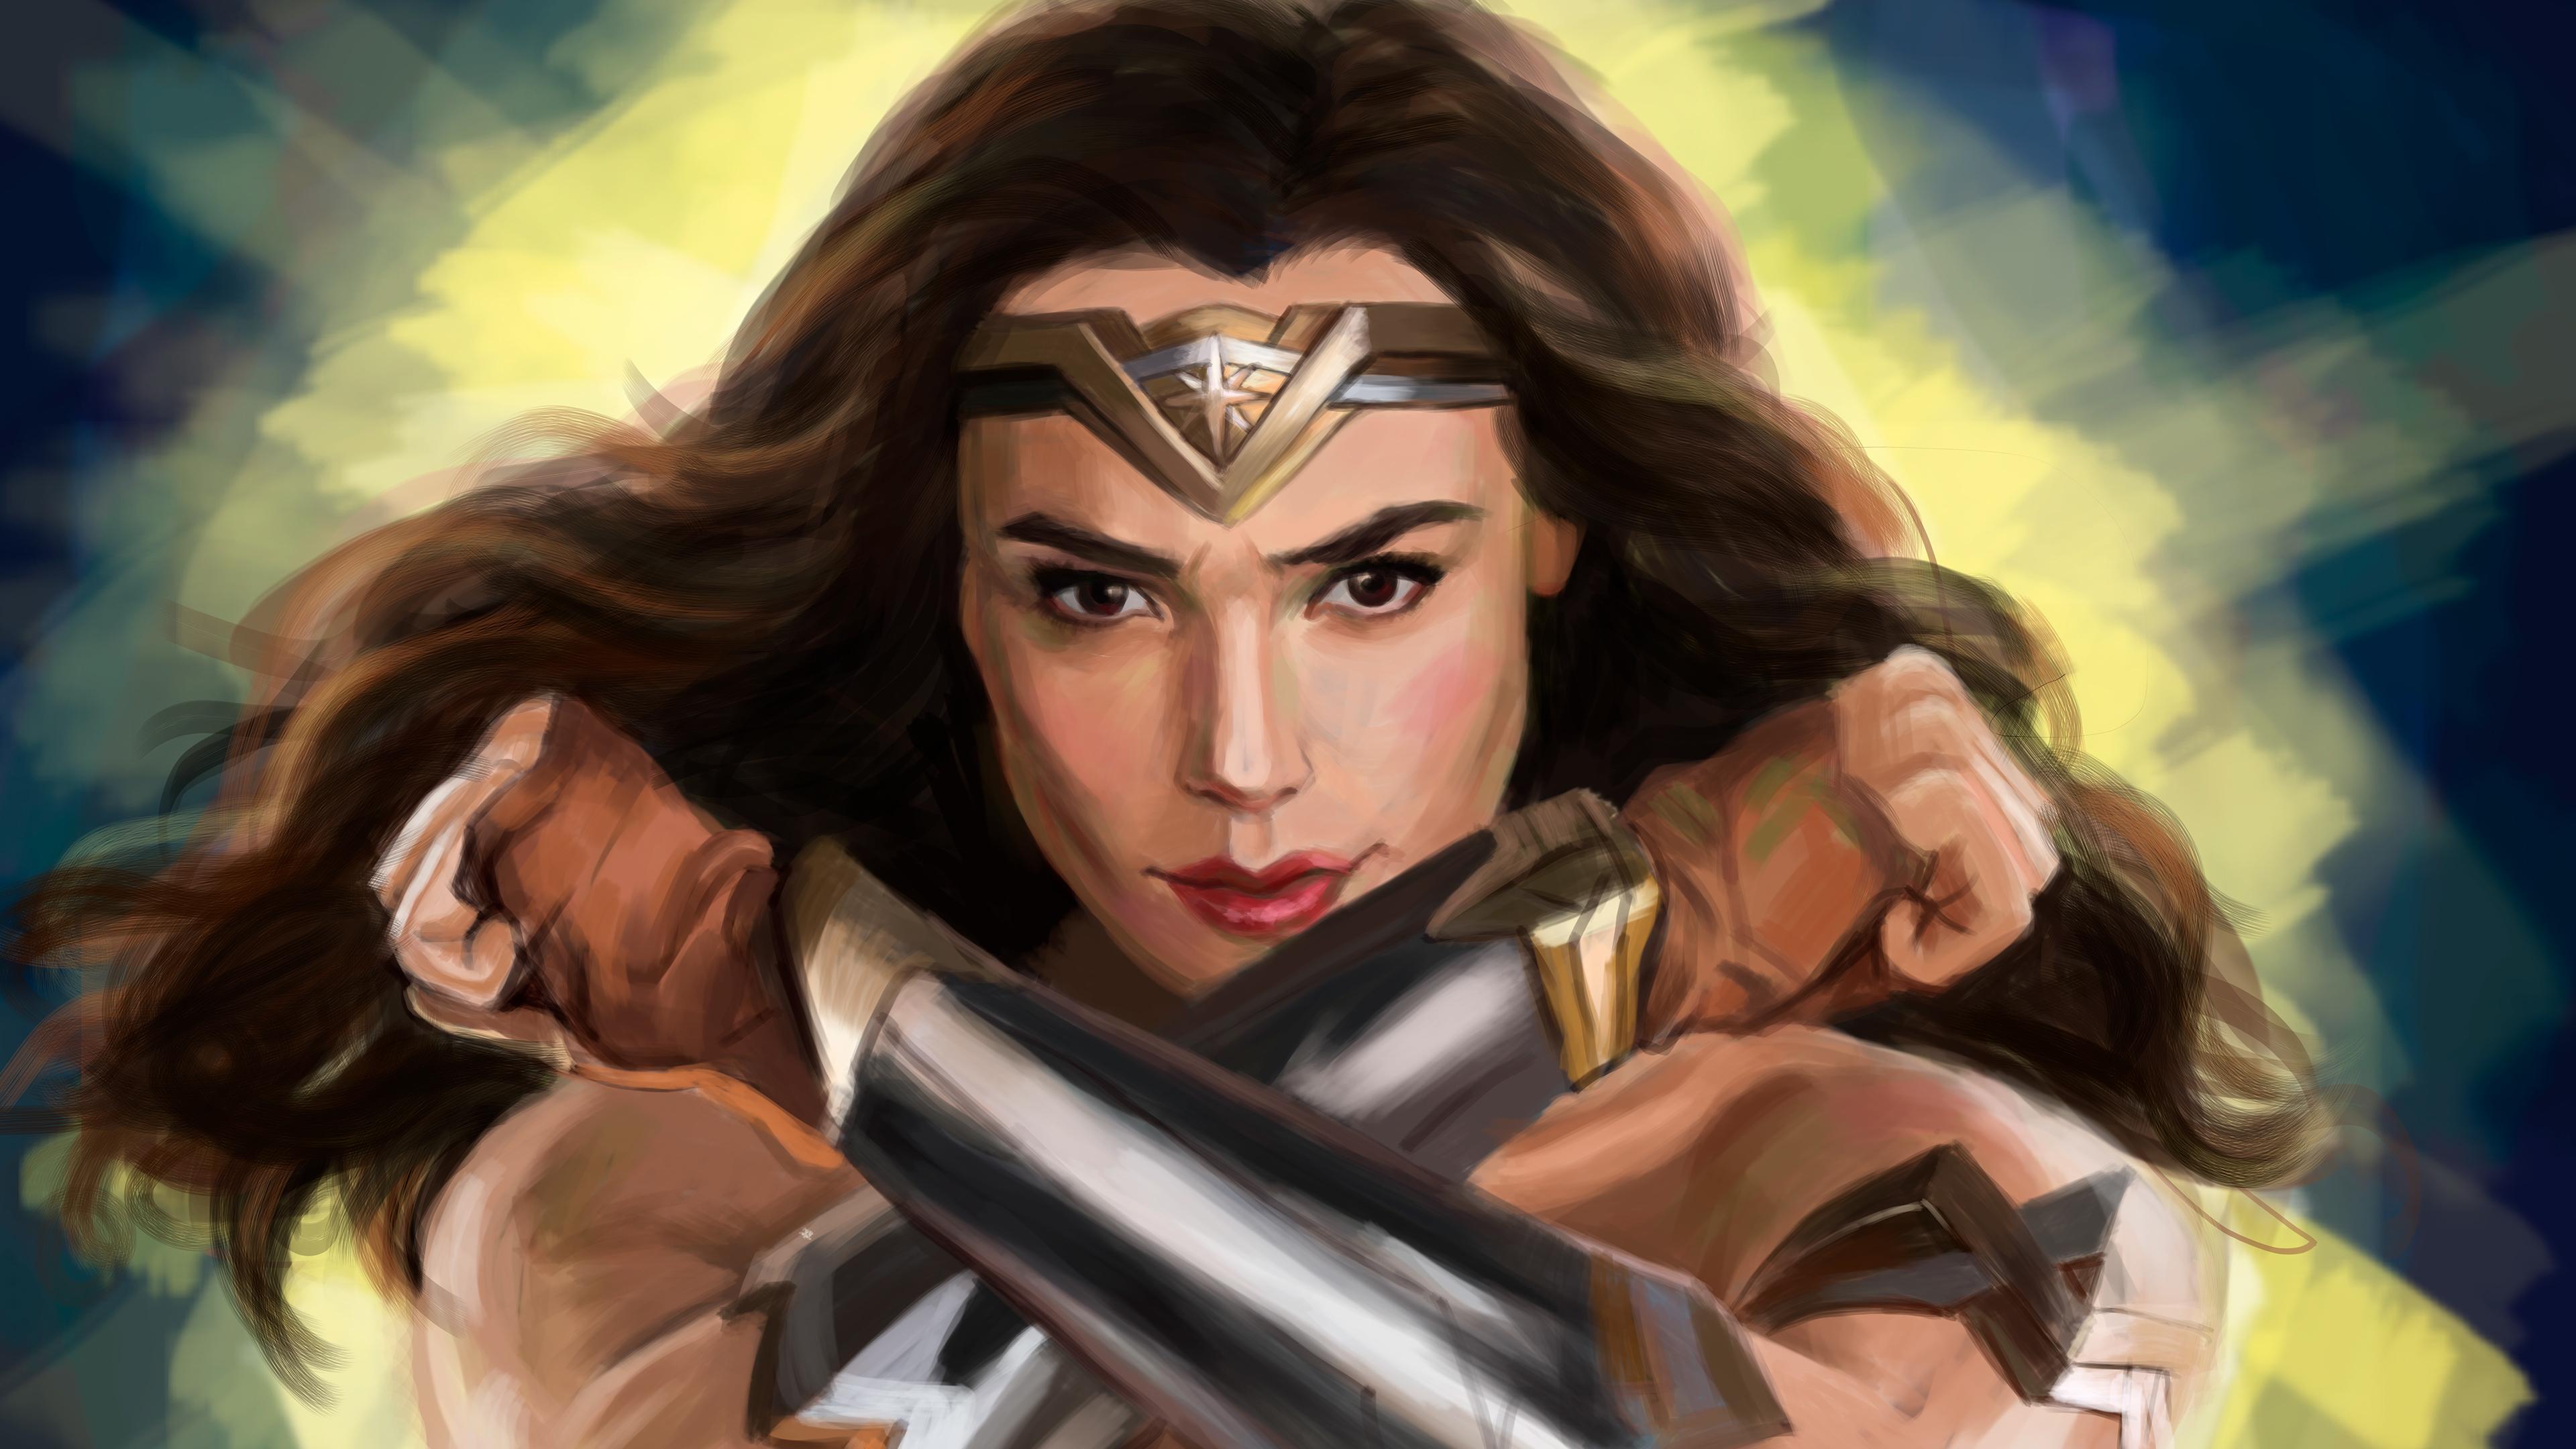 wonder woman 1569186361 - Wonder woman - wonder woman wallpapers, superheroes wallpapers, hd-wallpapers, digital art wallpapers, behance wallpapers, artwork wallpapers, artist wallpapers, 4k-wallpapers